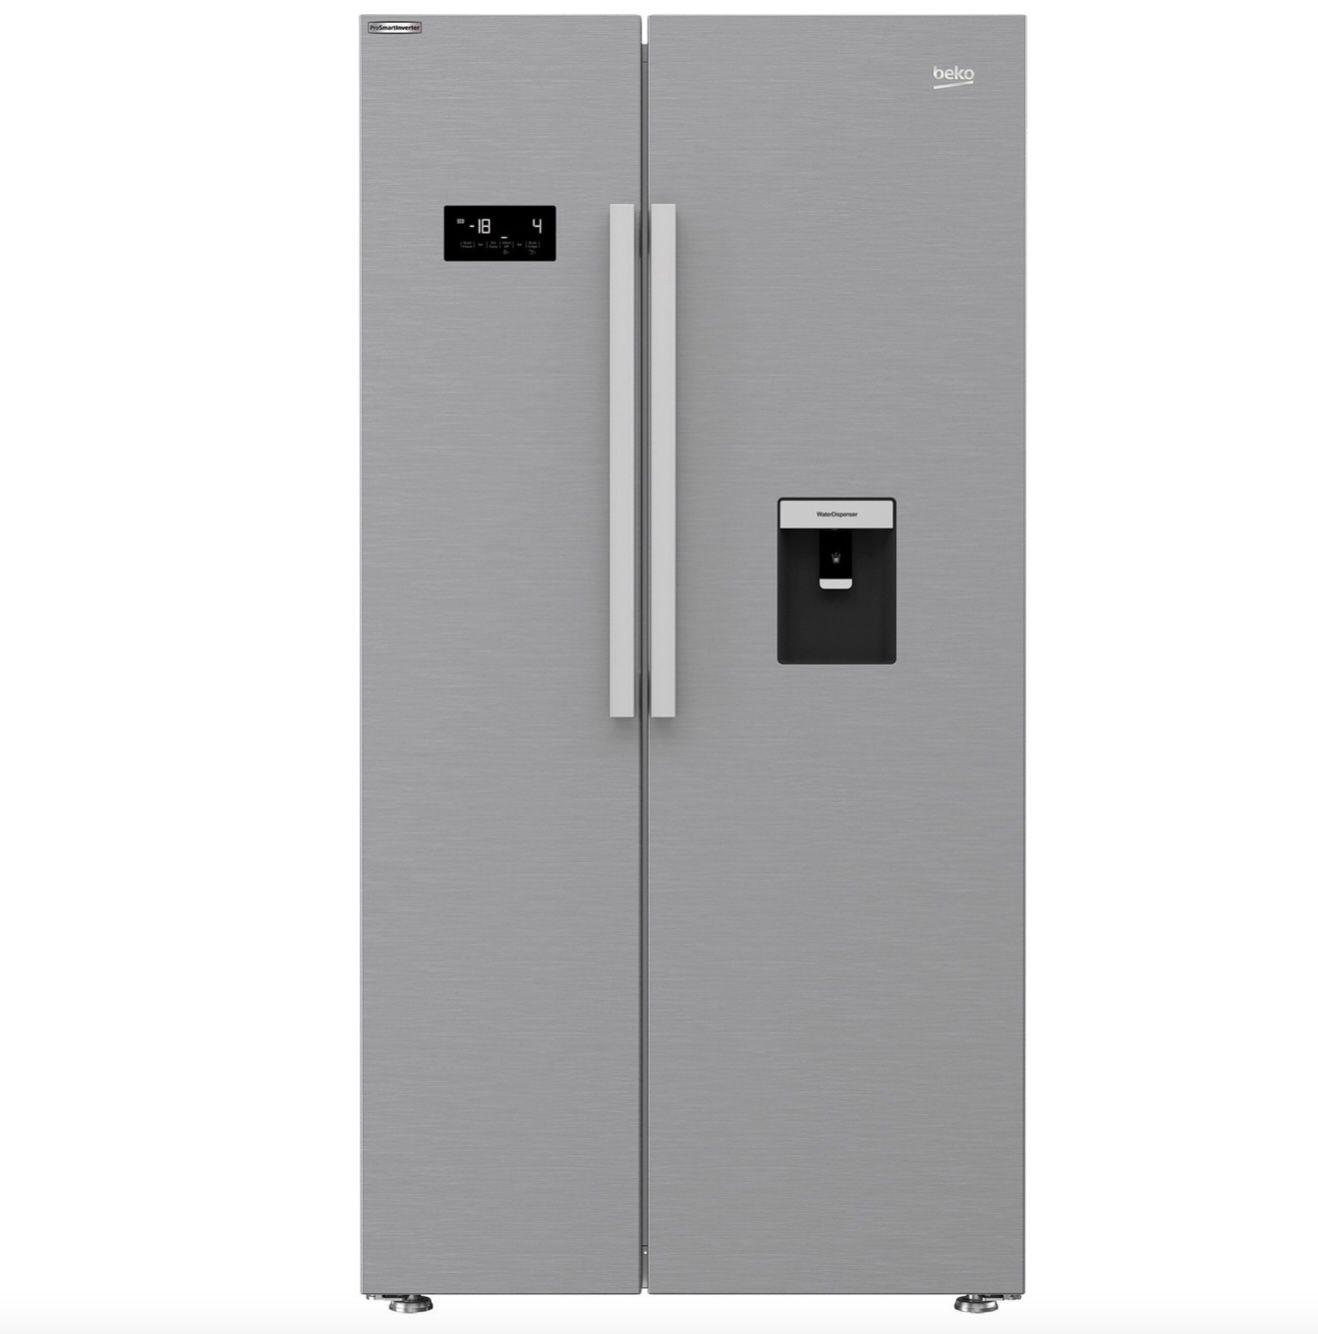 Beko GNE63521DXB Kühl-/Gefrierkombination Edelstahllook No Frost & Wasserspende für 449,91€ (statt 699€)